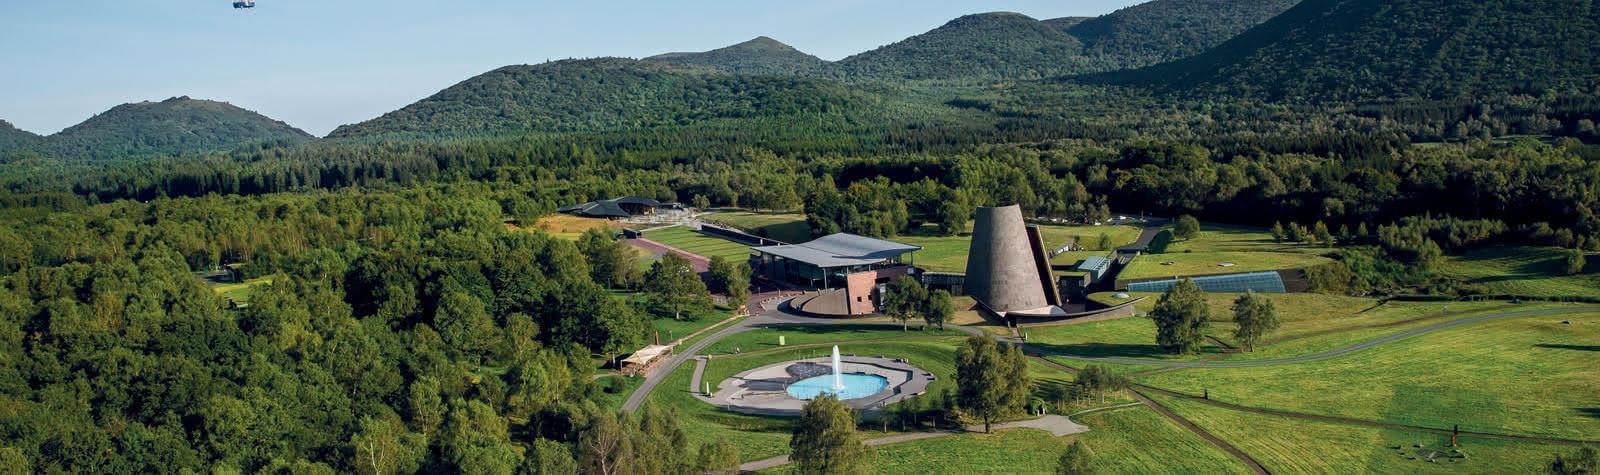 Vulcania-au-coeur-des-volcans-d-Auvergne